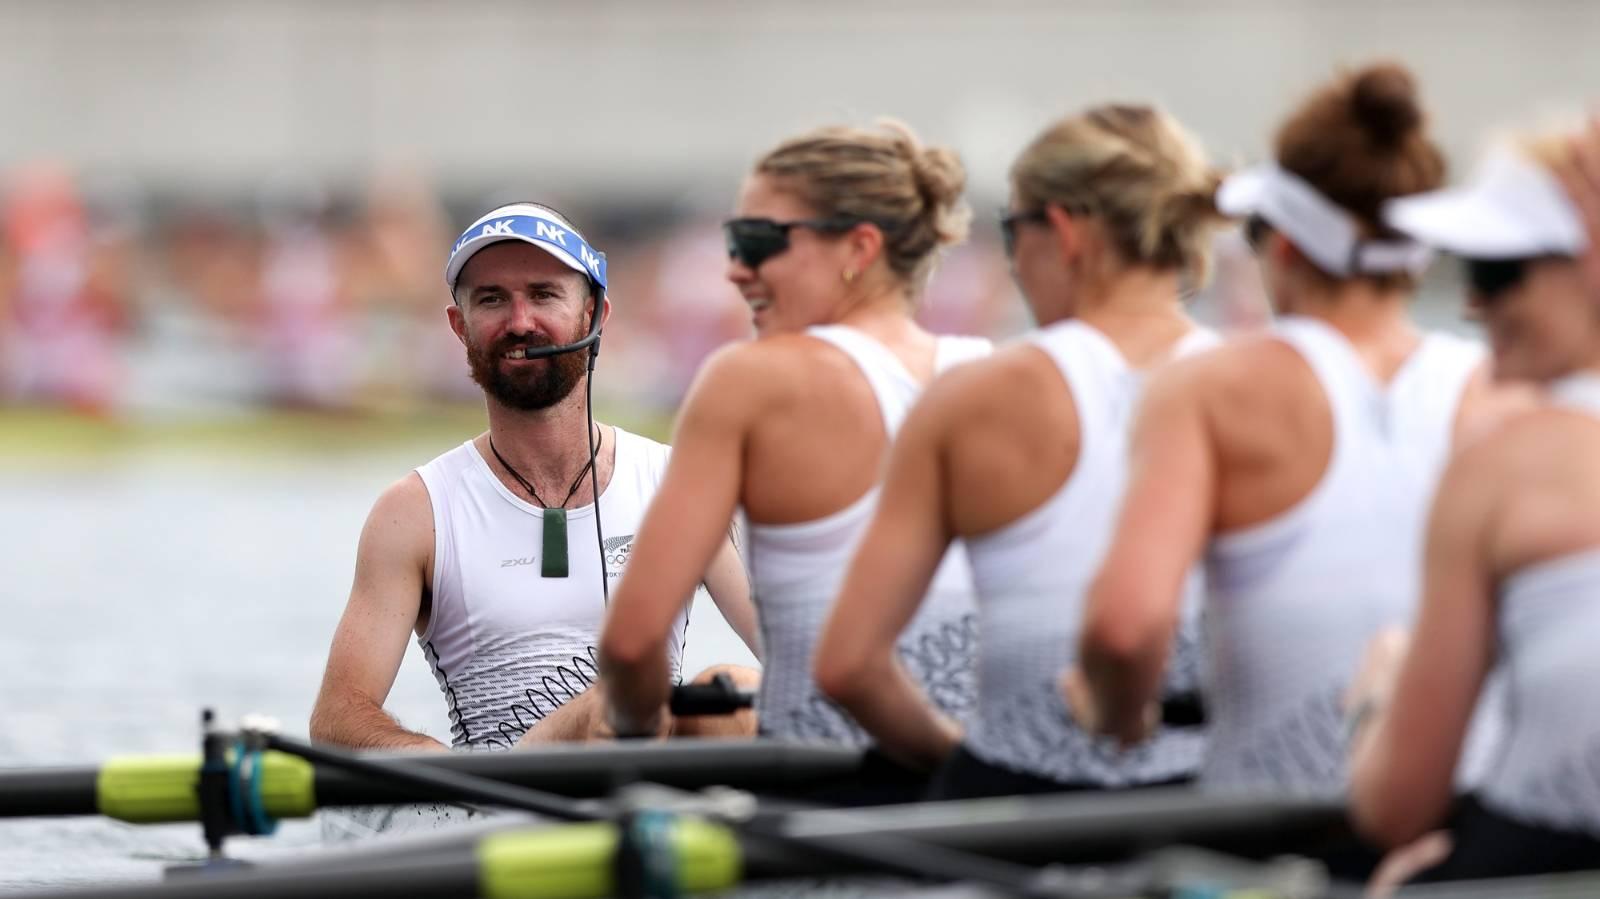 Caleb Shepherd: a man winning silver in a women's world